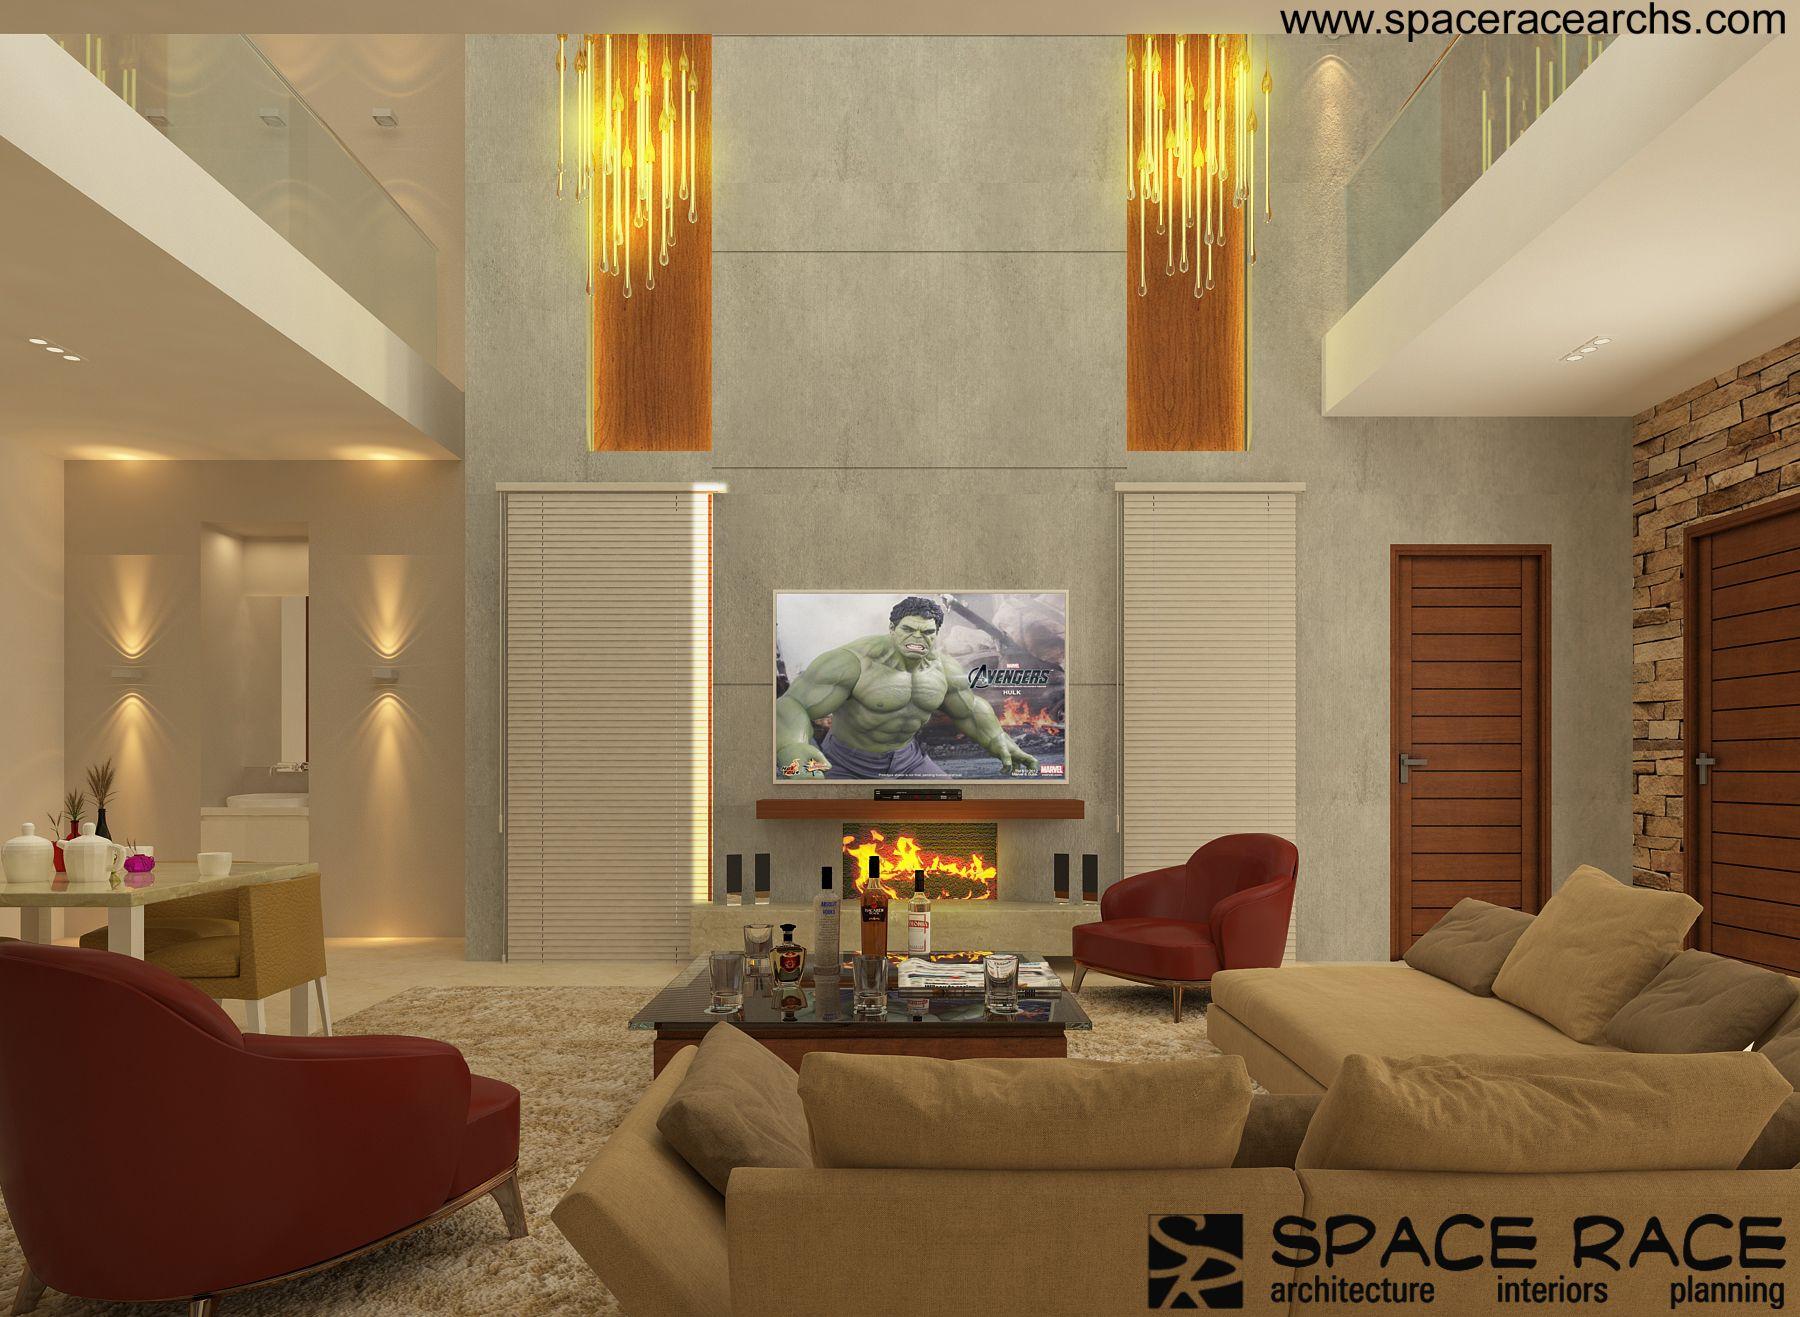 Informal Sitting Sitting Interiordesign Homedecor Residence